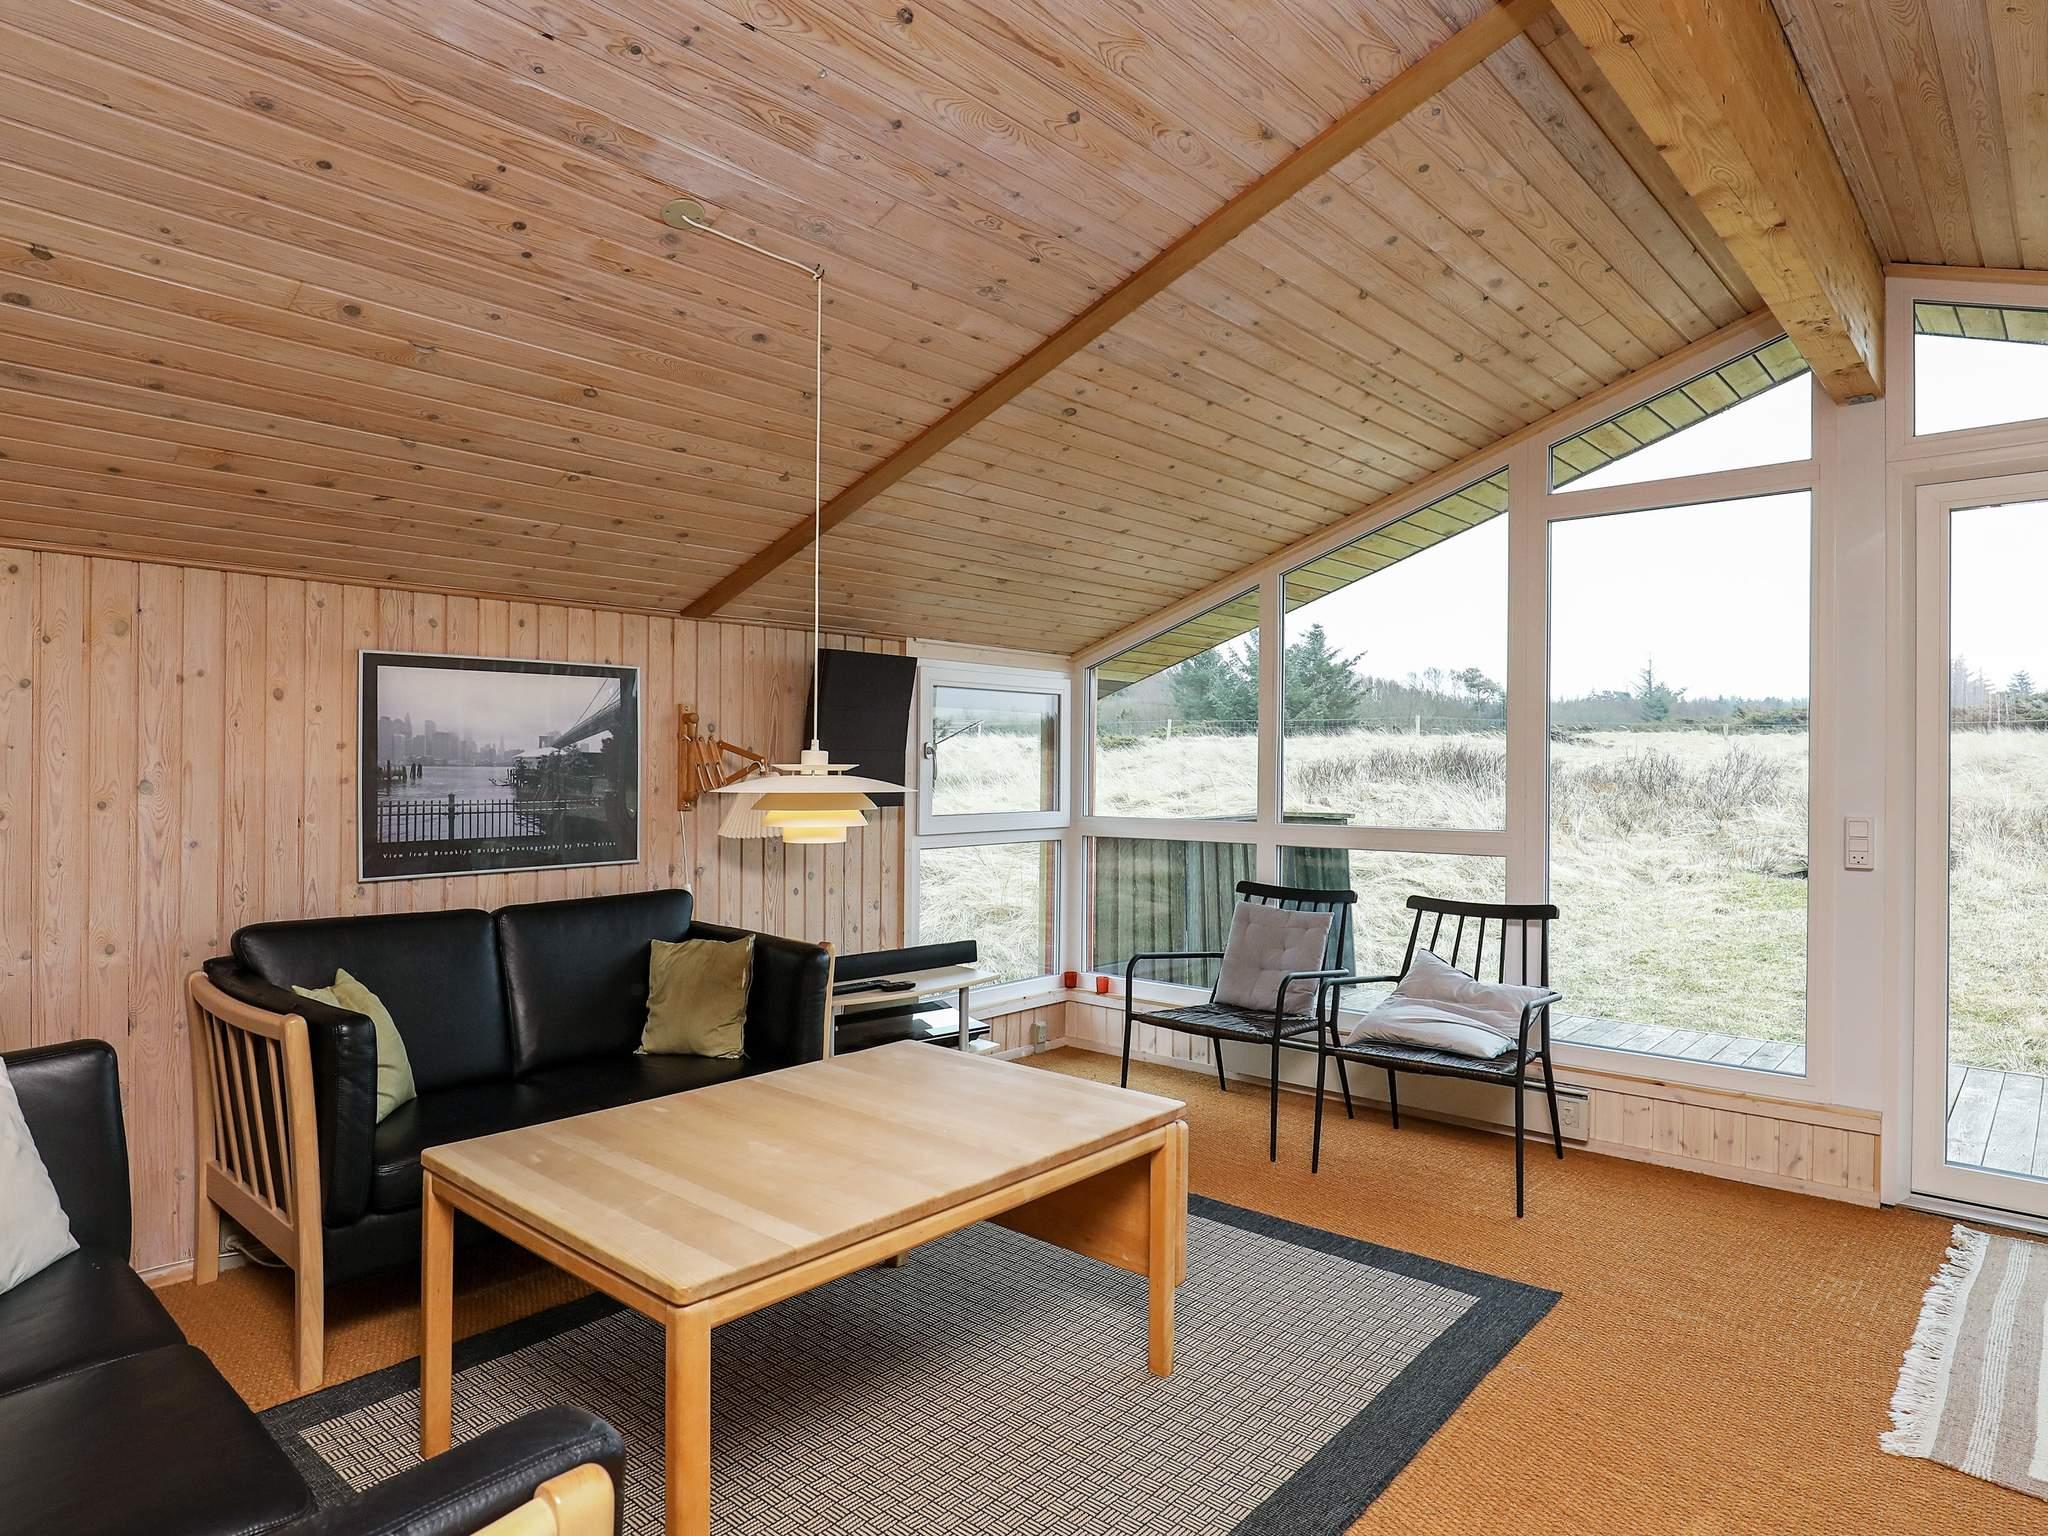 Ferienhaus Kjul Strand (319409), Hirtshals, , Nordwestjütland, Dänemark, Bild 3